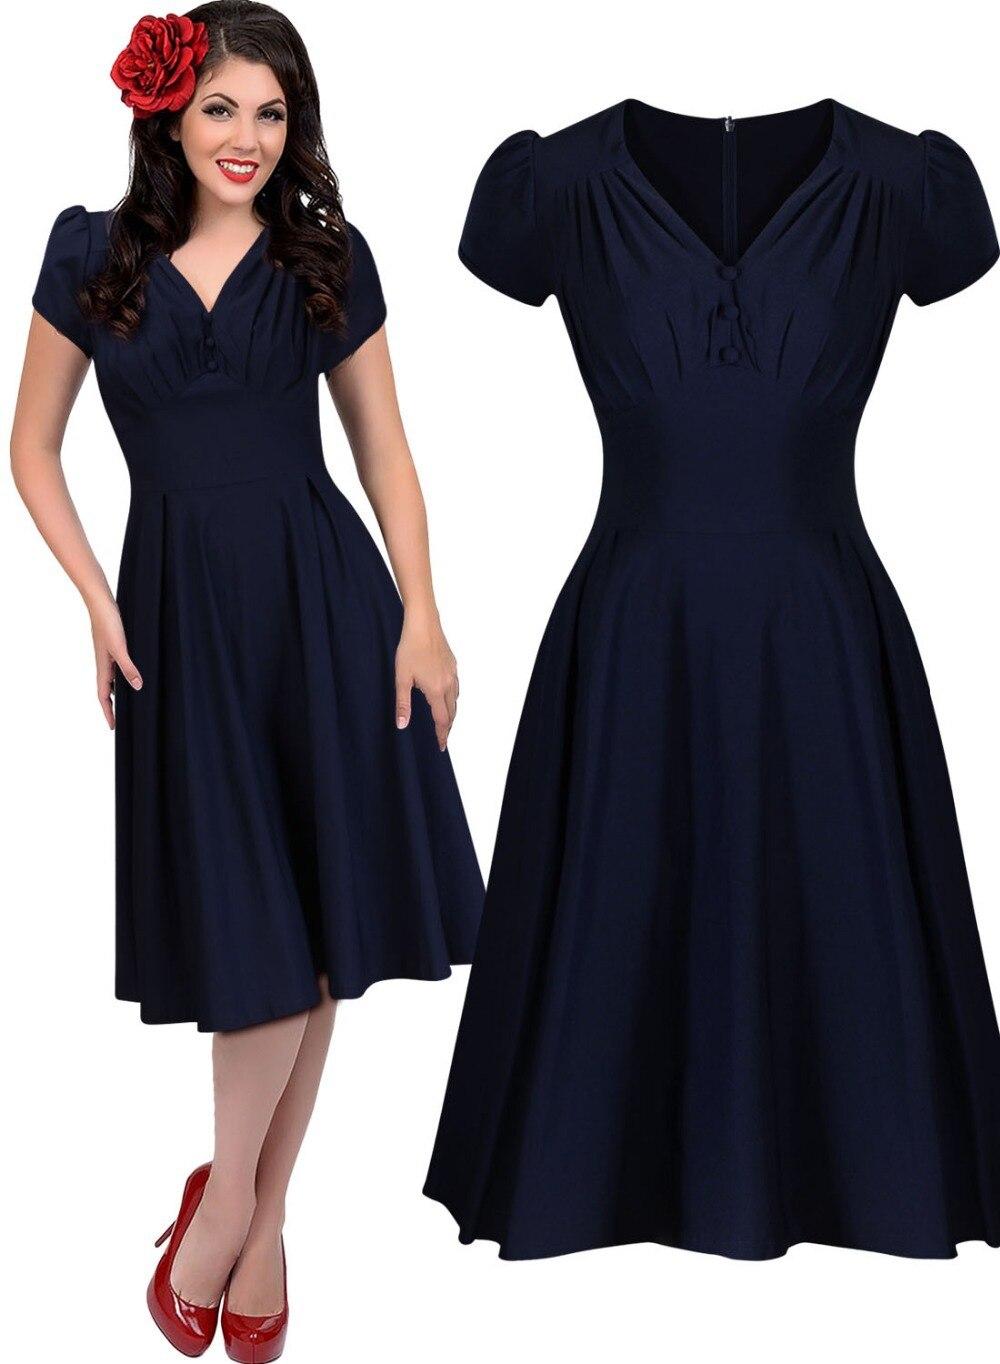 Black dress 50s style neck